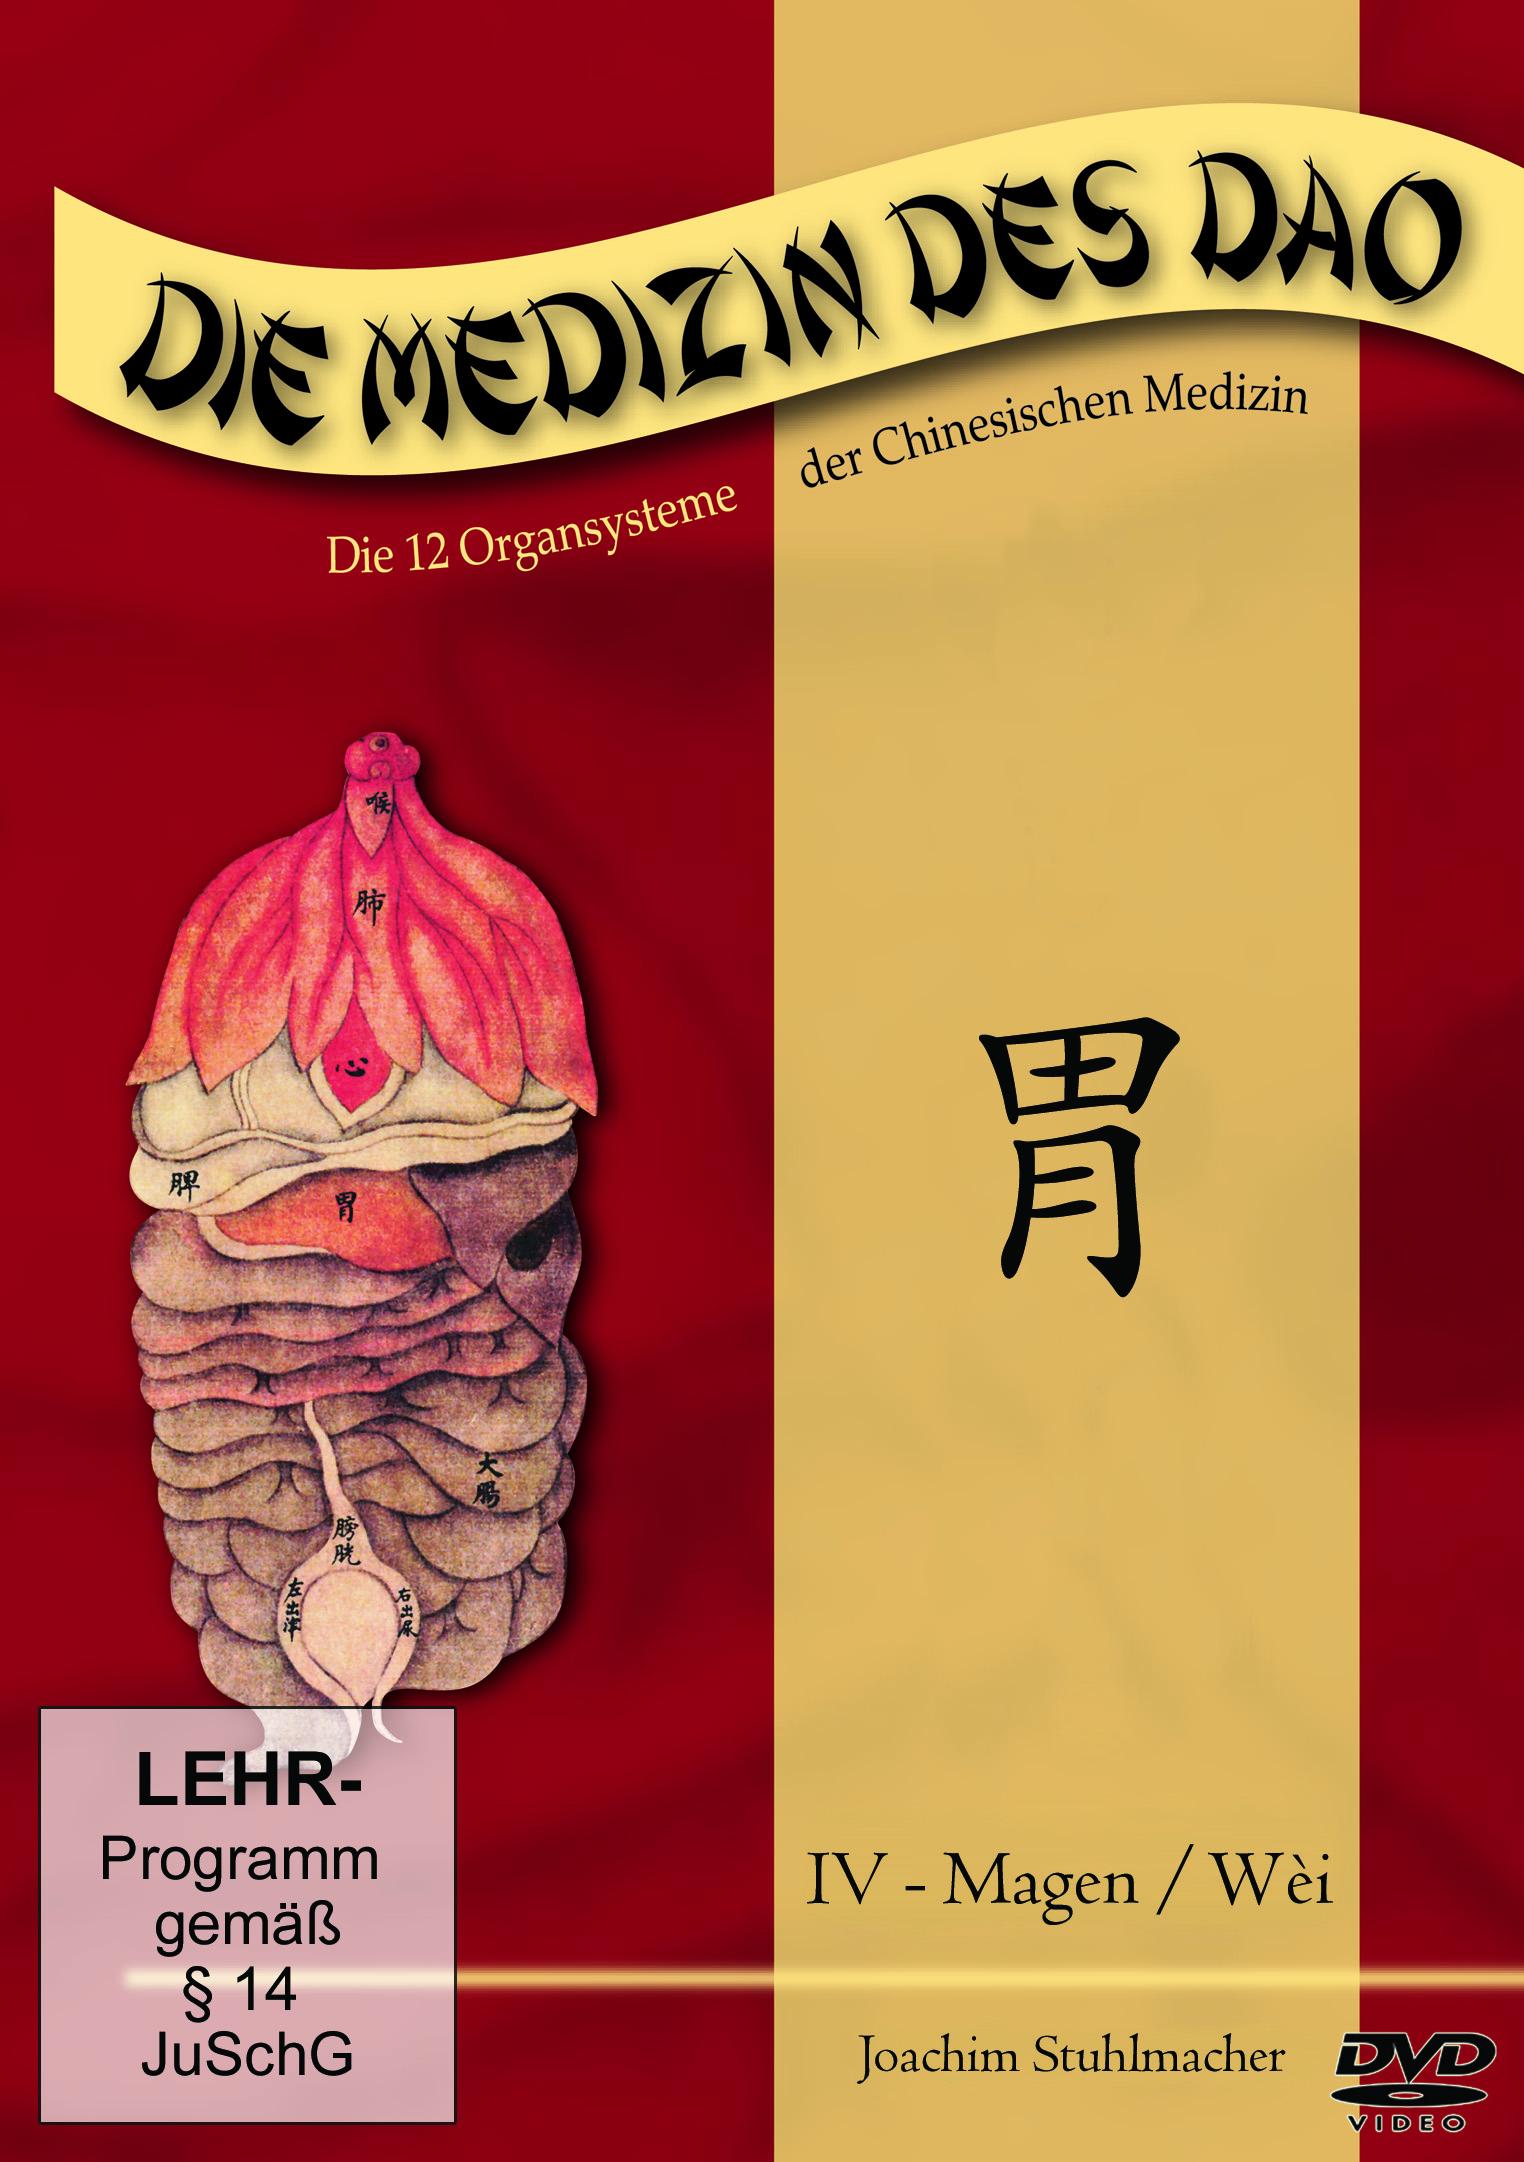 Die Medizin des Dao - Teil 4 / Magen / Wèi